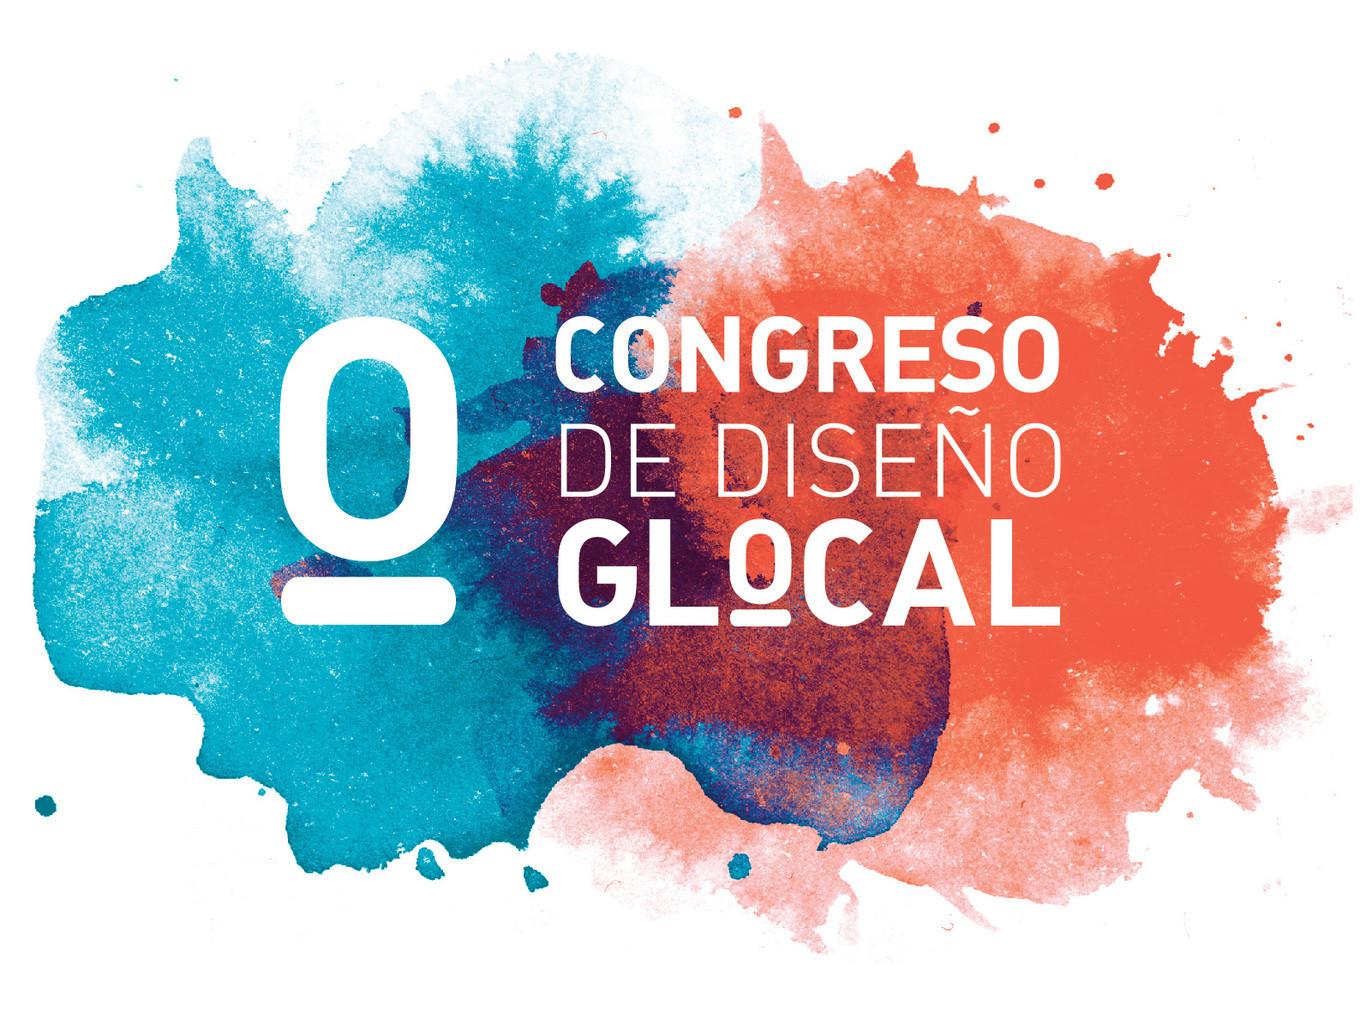 Hoy comienza Congreso de Diseño Glocal 2015 en la Ciudad de México